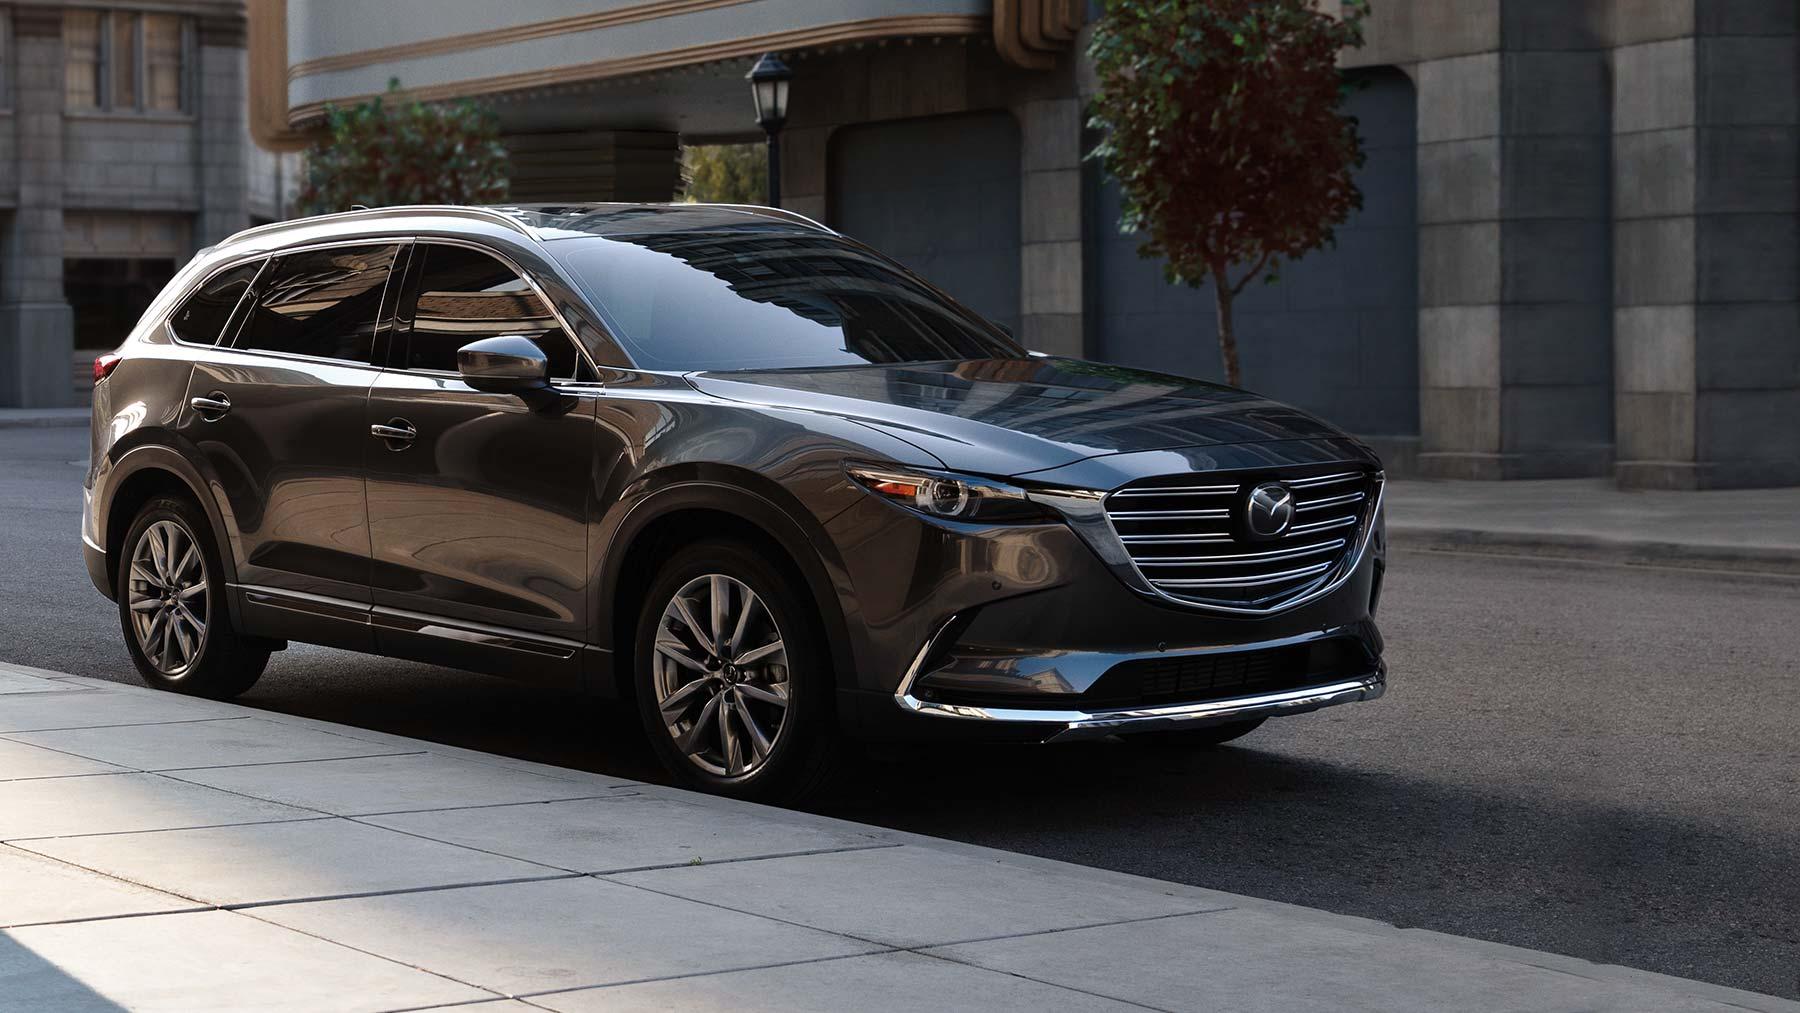 2019 Mazda CX-9 Awards